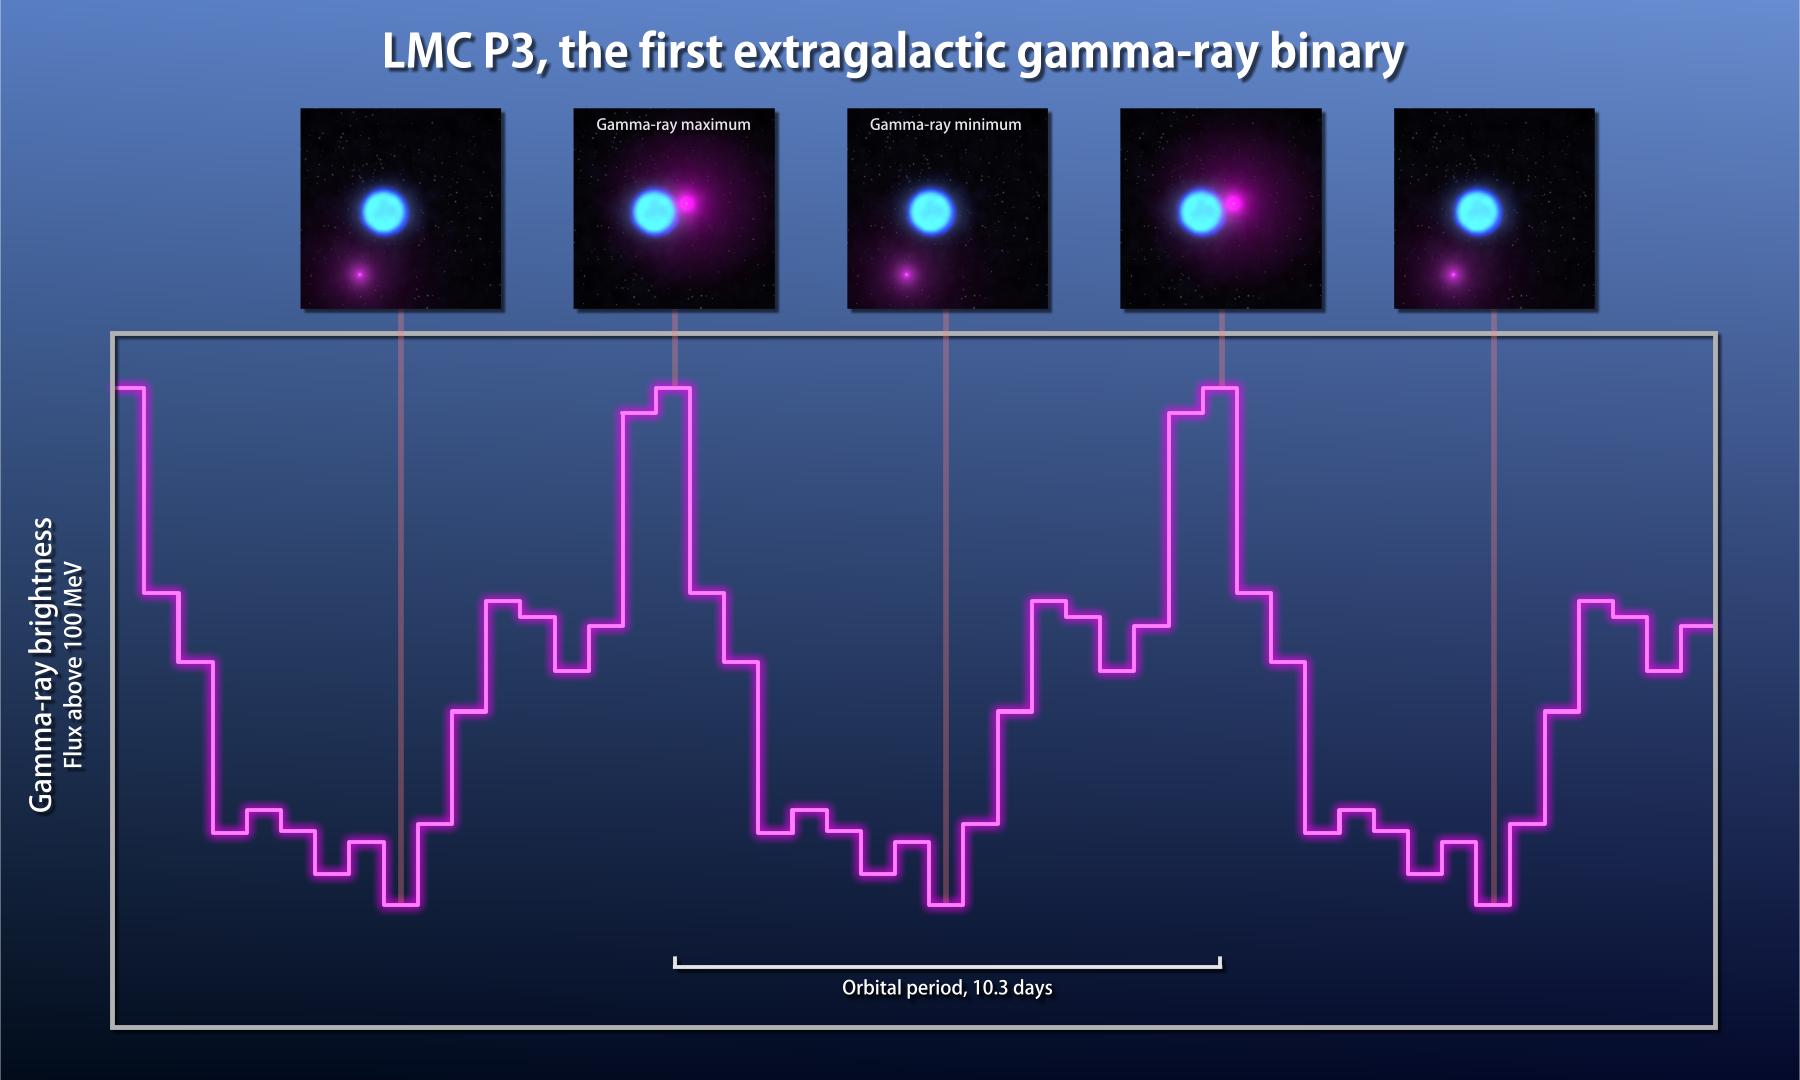 LMC Gama ışıını çift yıldızının Fermi Gama ışını ışık eğrisi